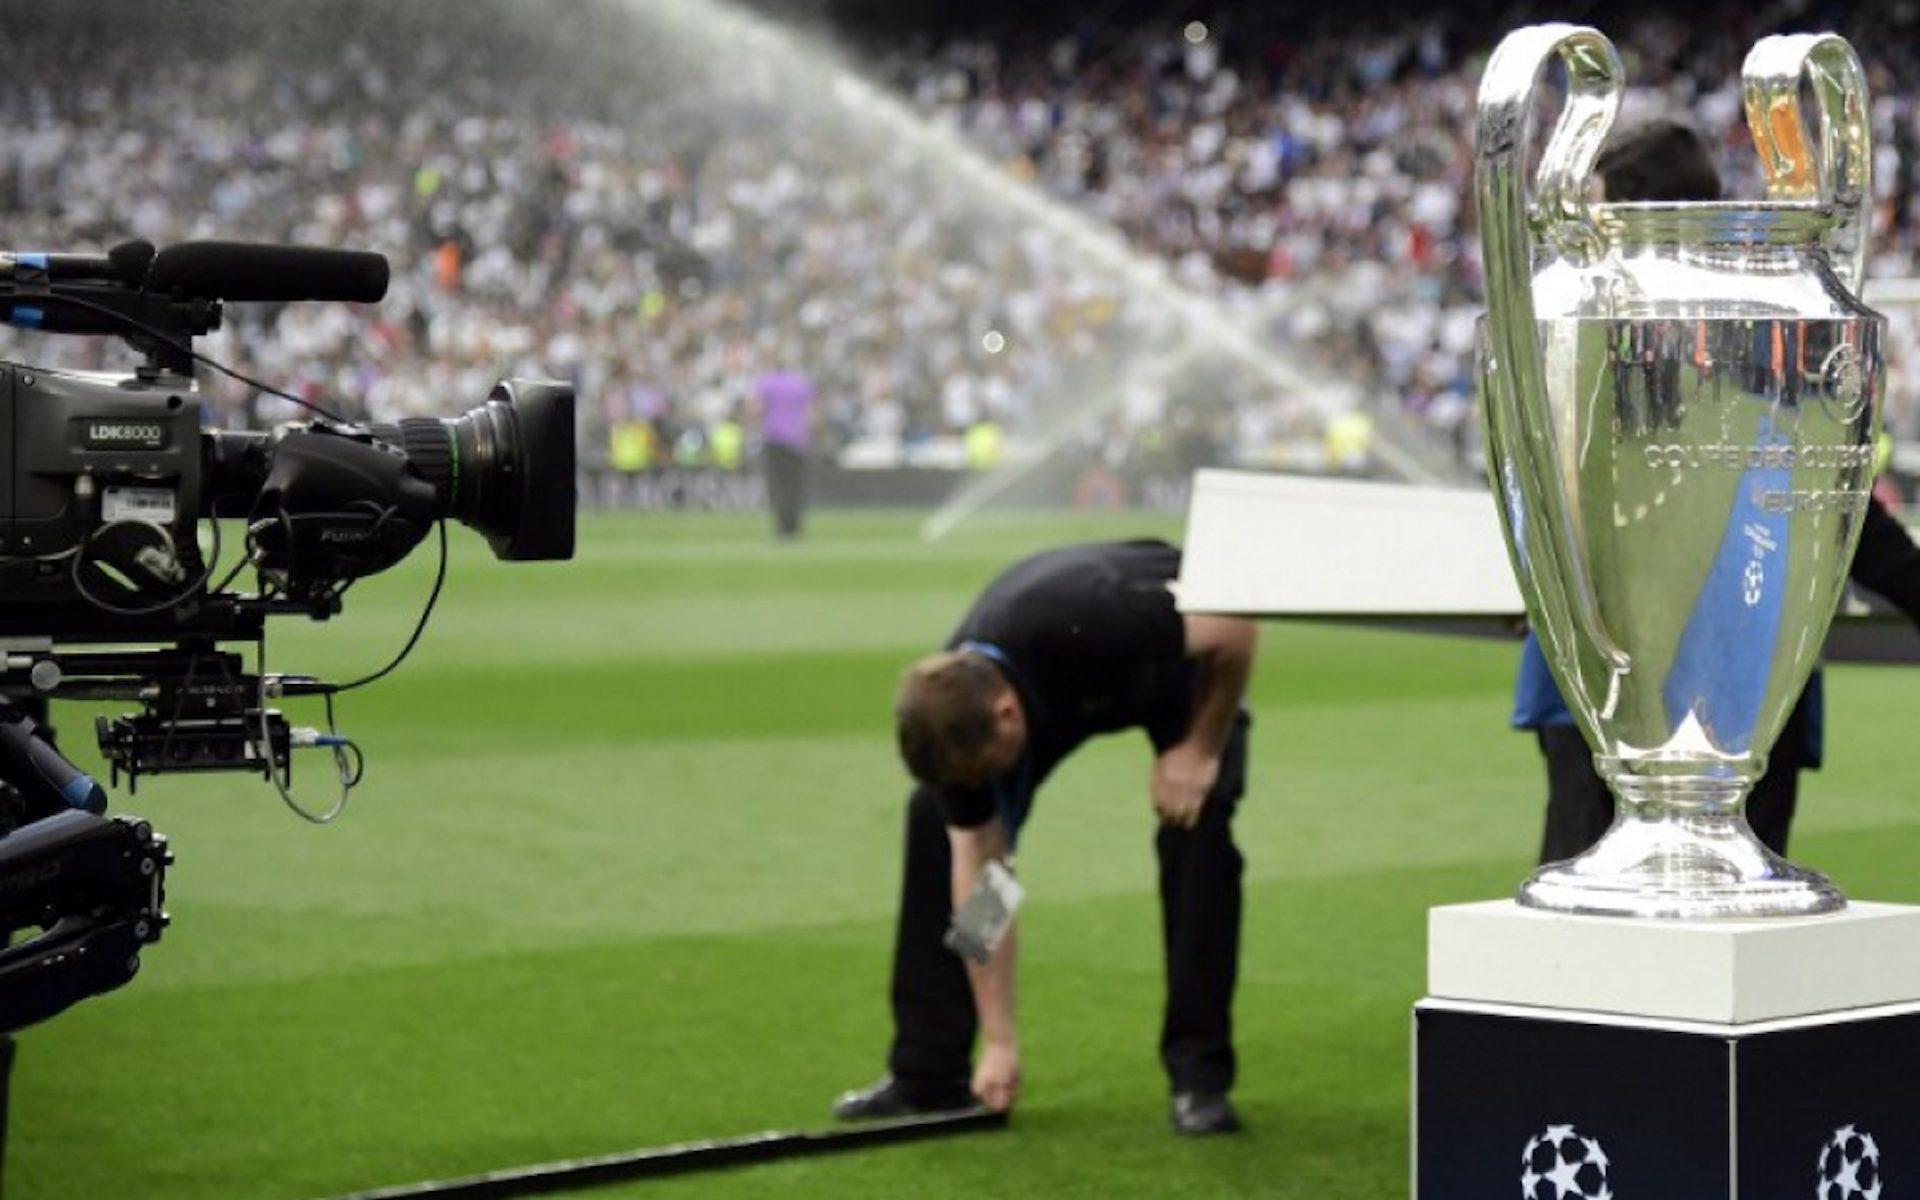 Quels sont les sports qui génèrent le plus d'argent en droits TV dans le monde?